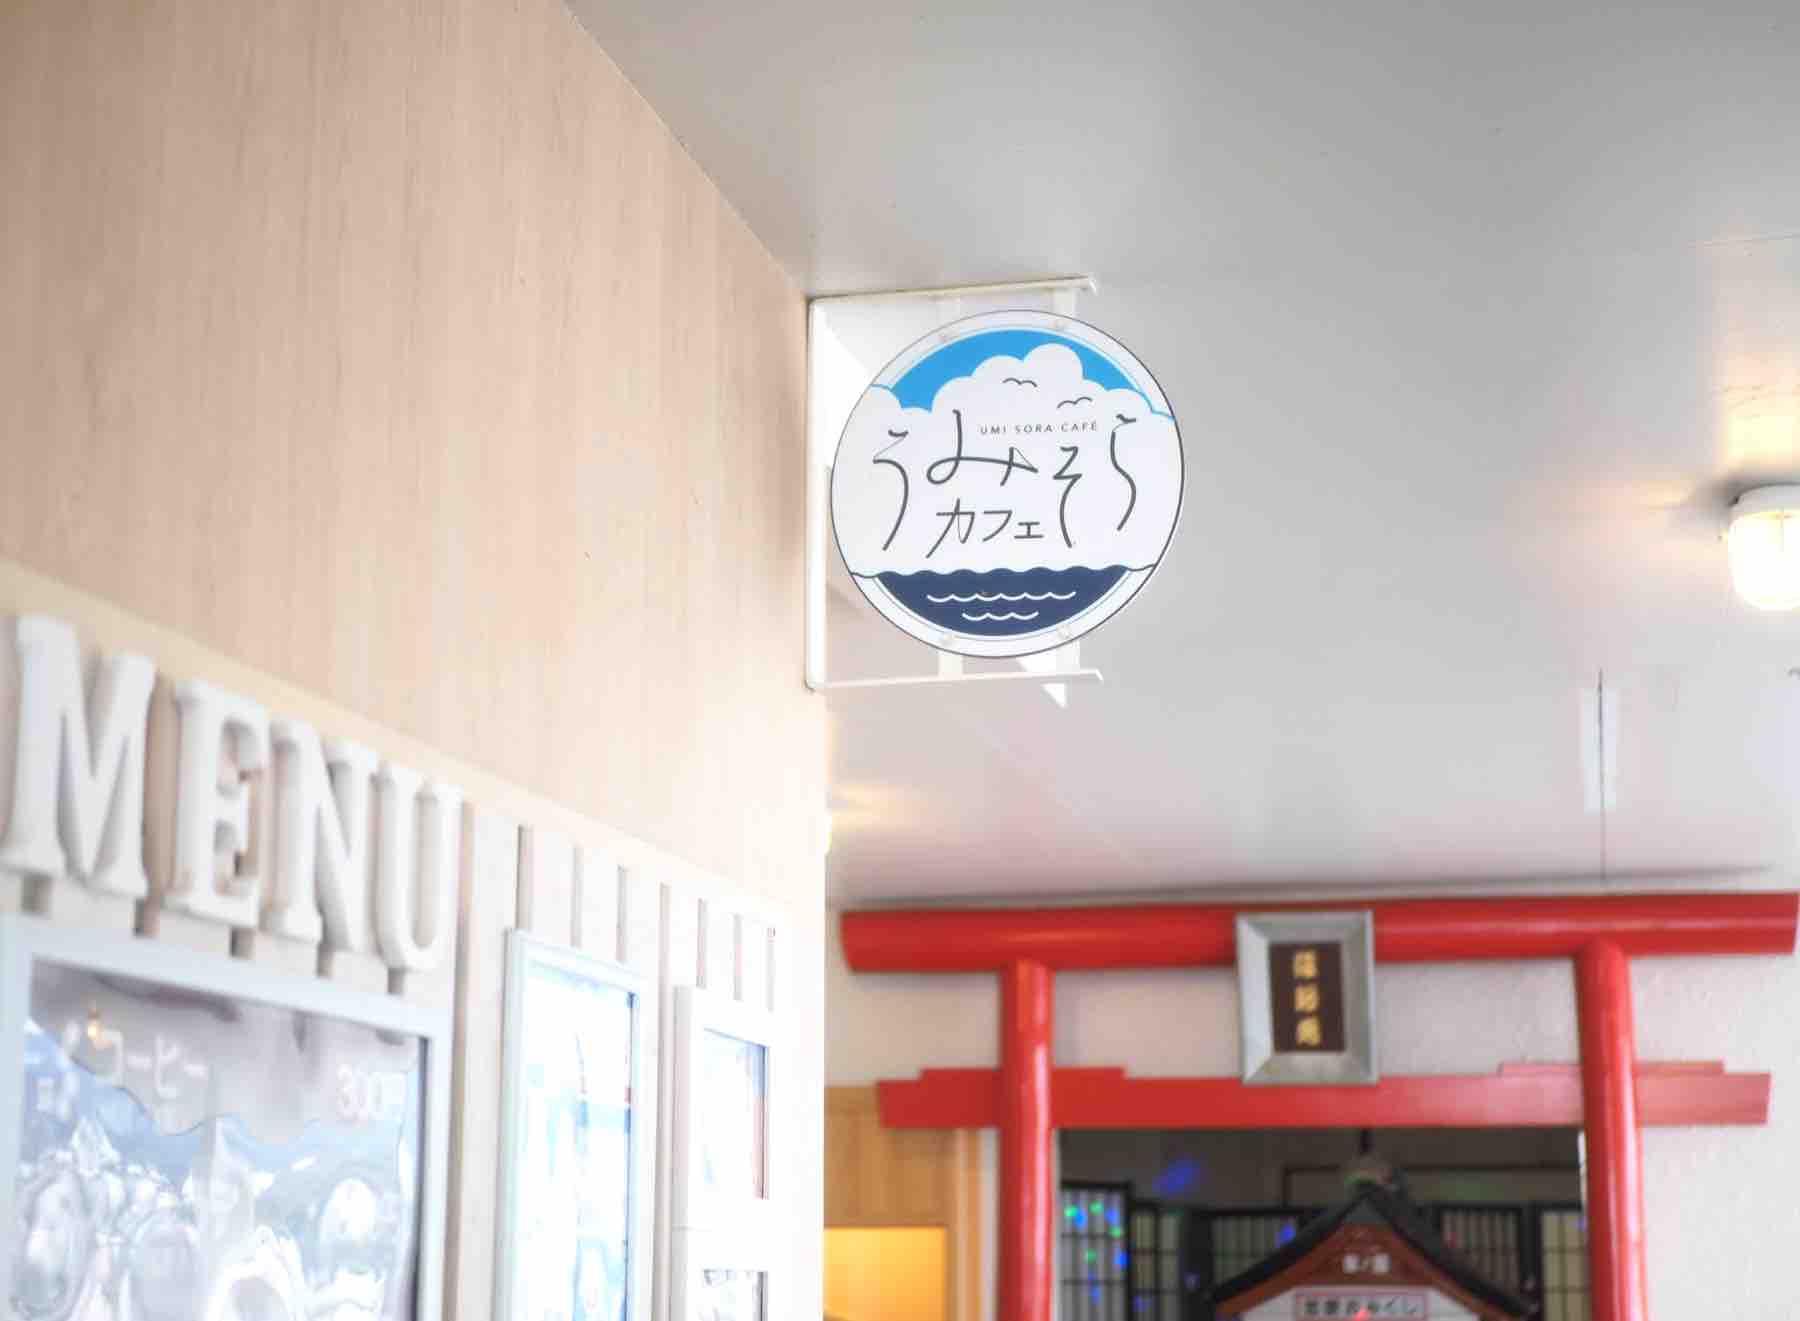 熱海ロープーウェイのカフェ